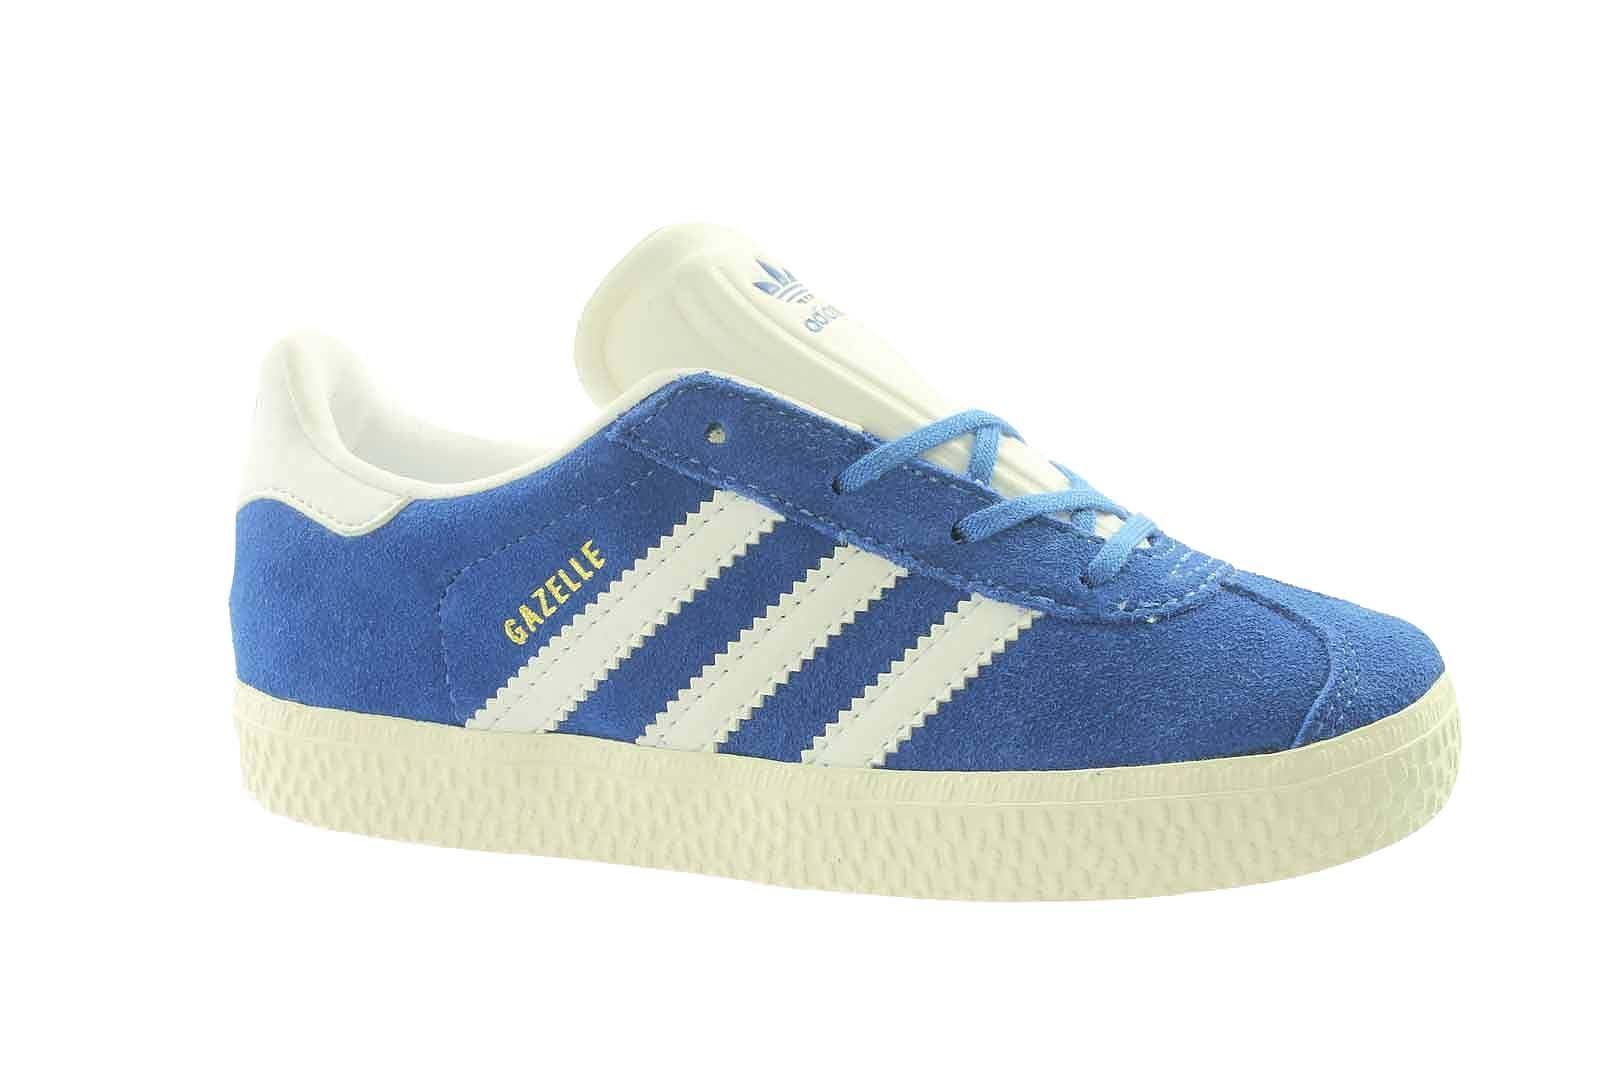 Ho le scarpe adidas originali gazzella bambini formatori blu bb2511 24 su ebay